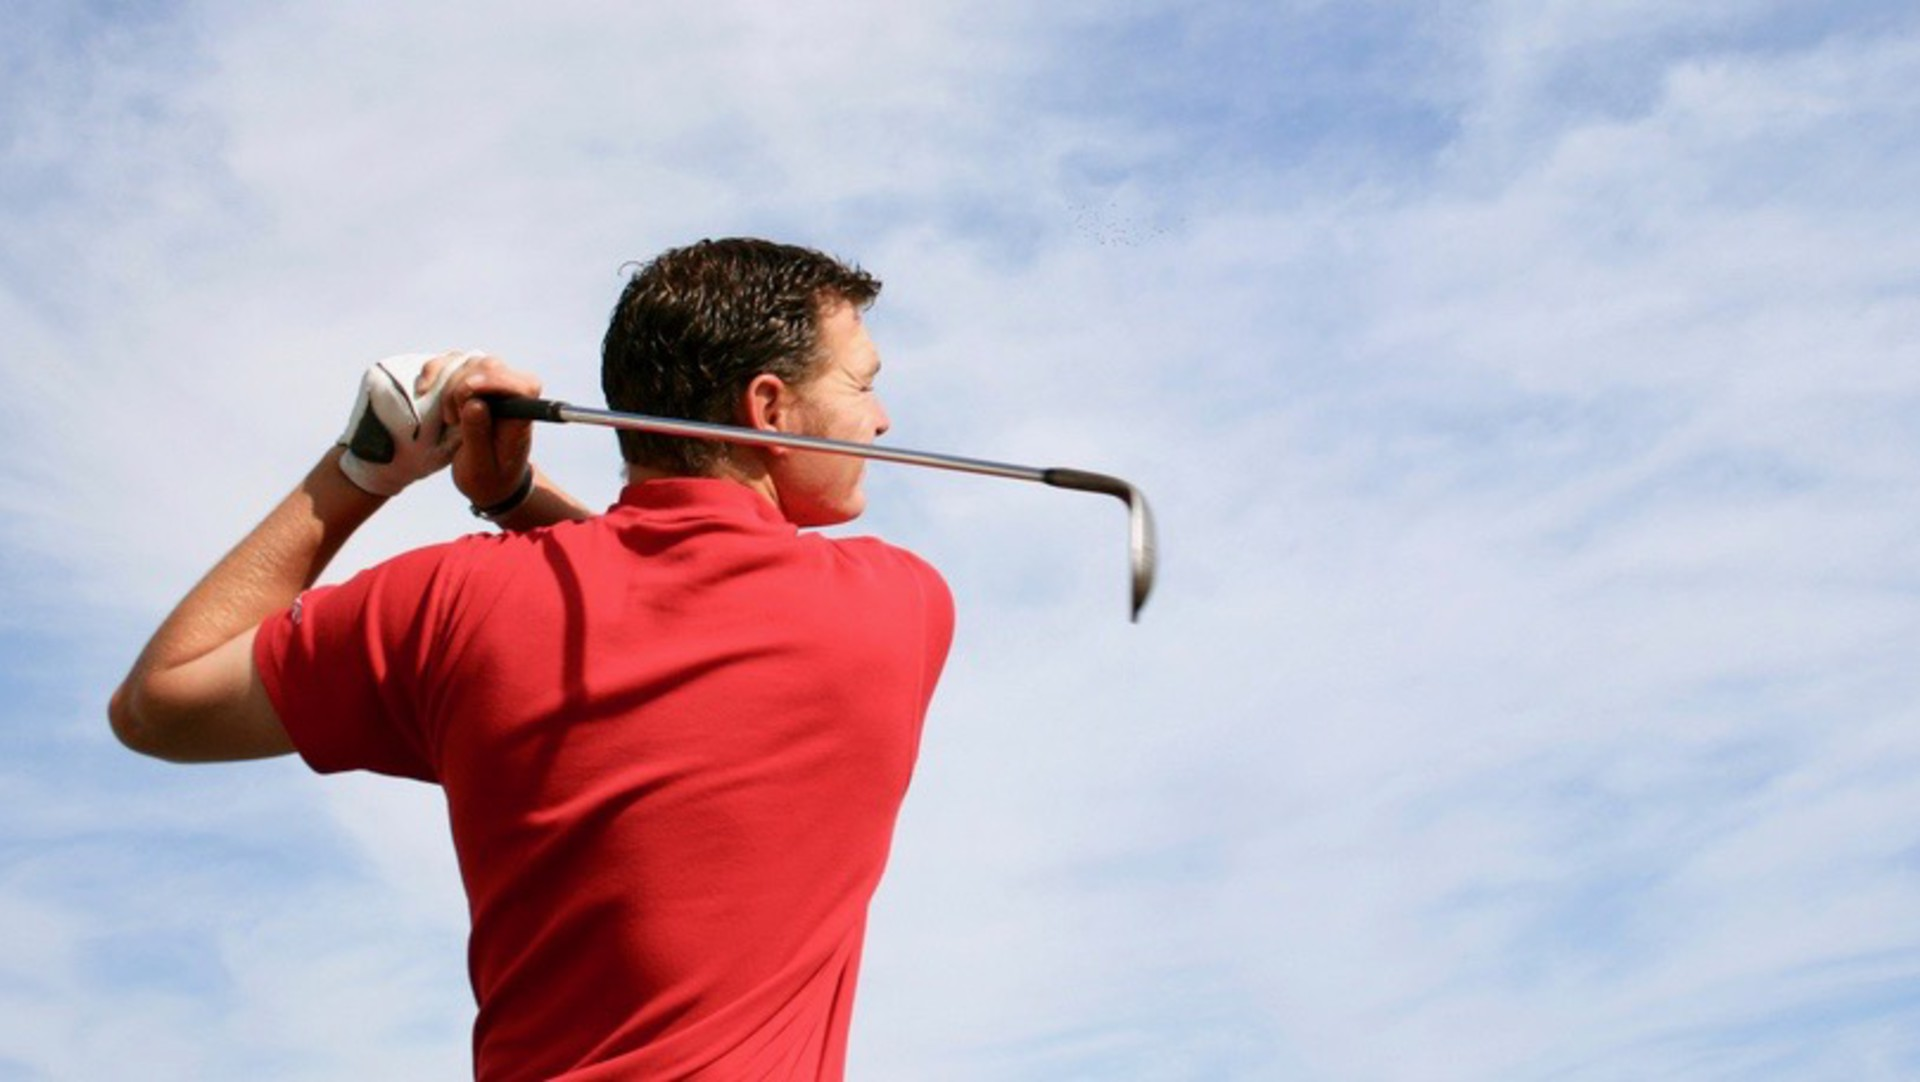 Golf Pro Tipp der Woche  # 1: Schlagroutine